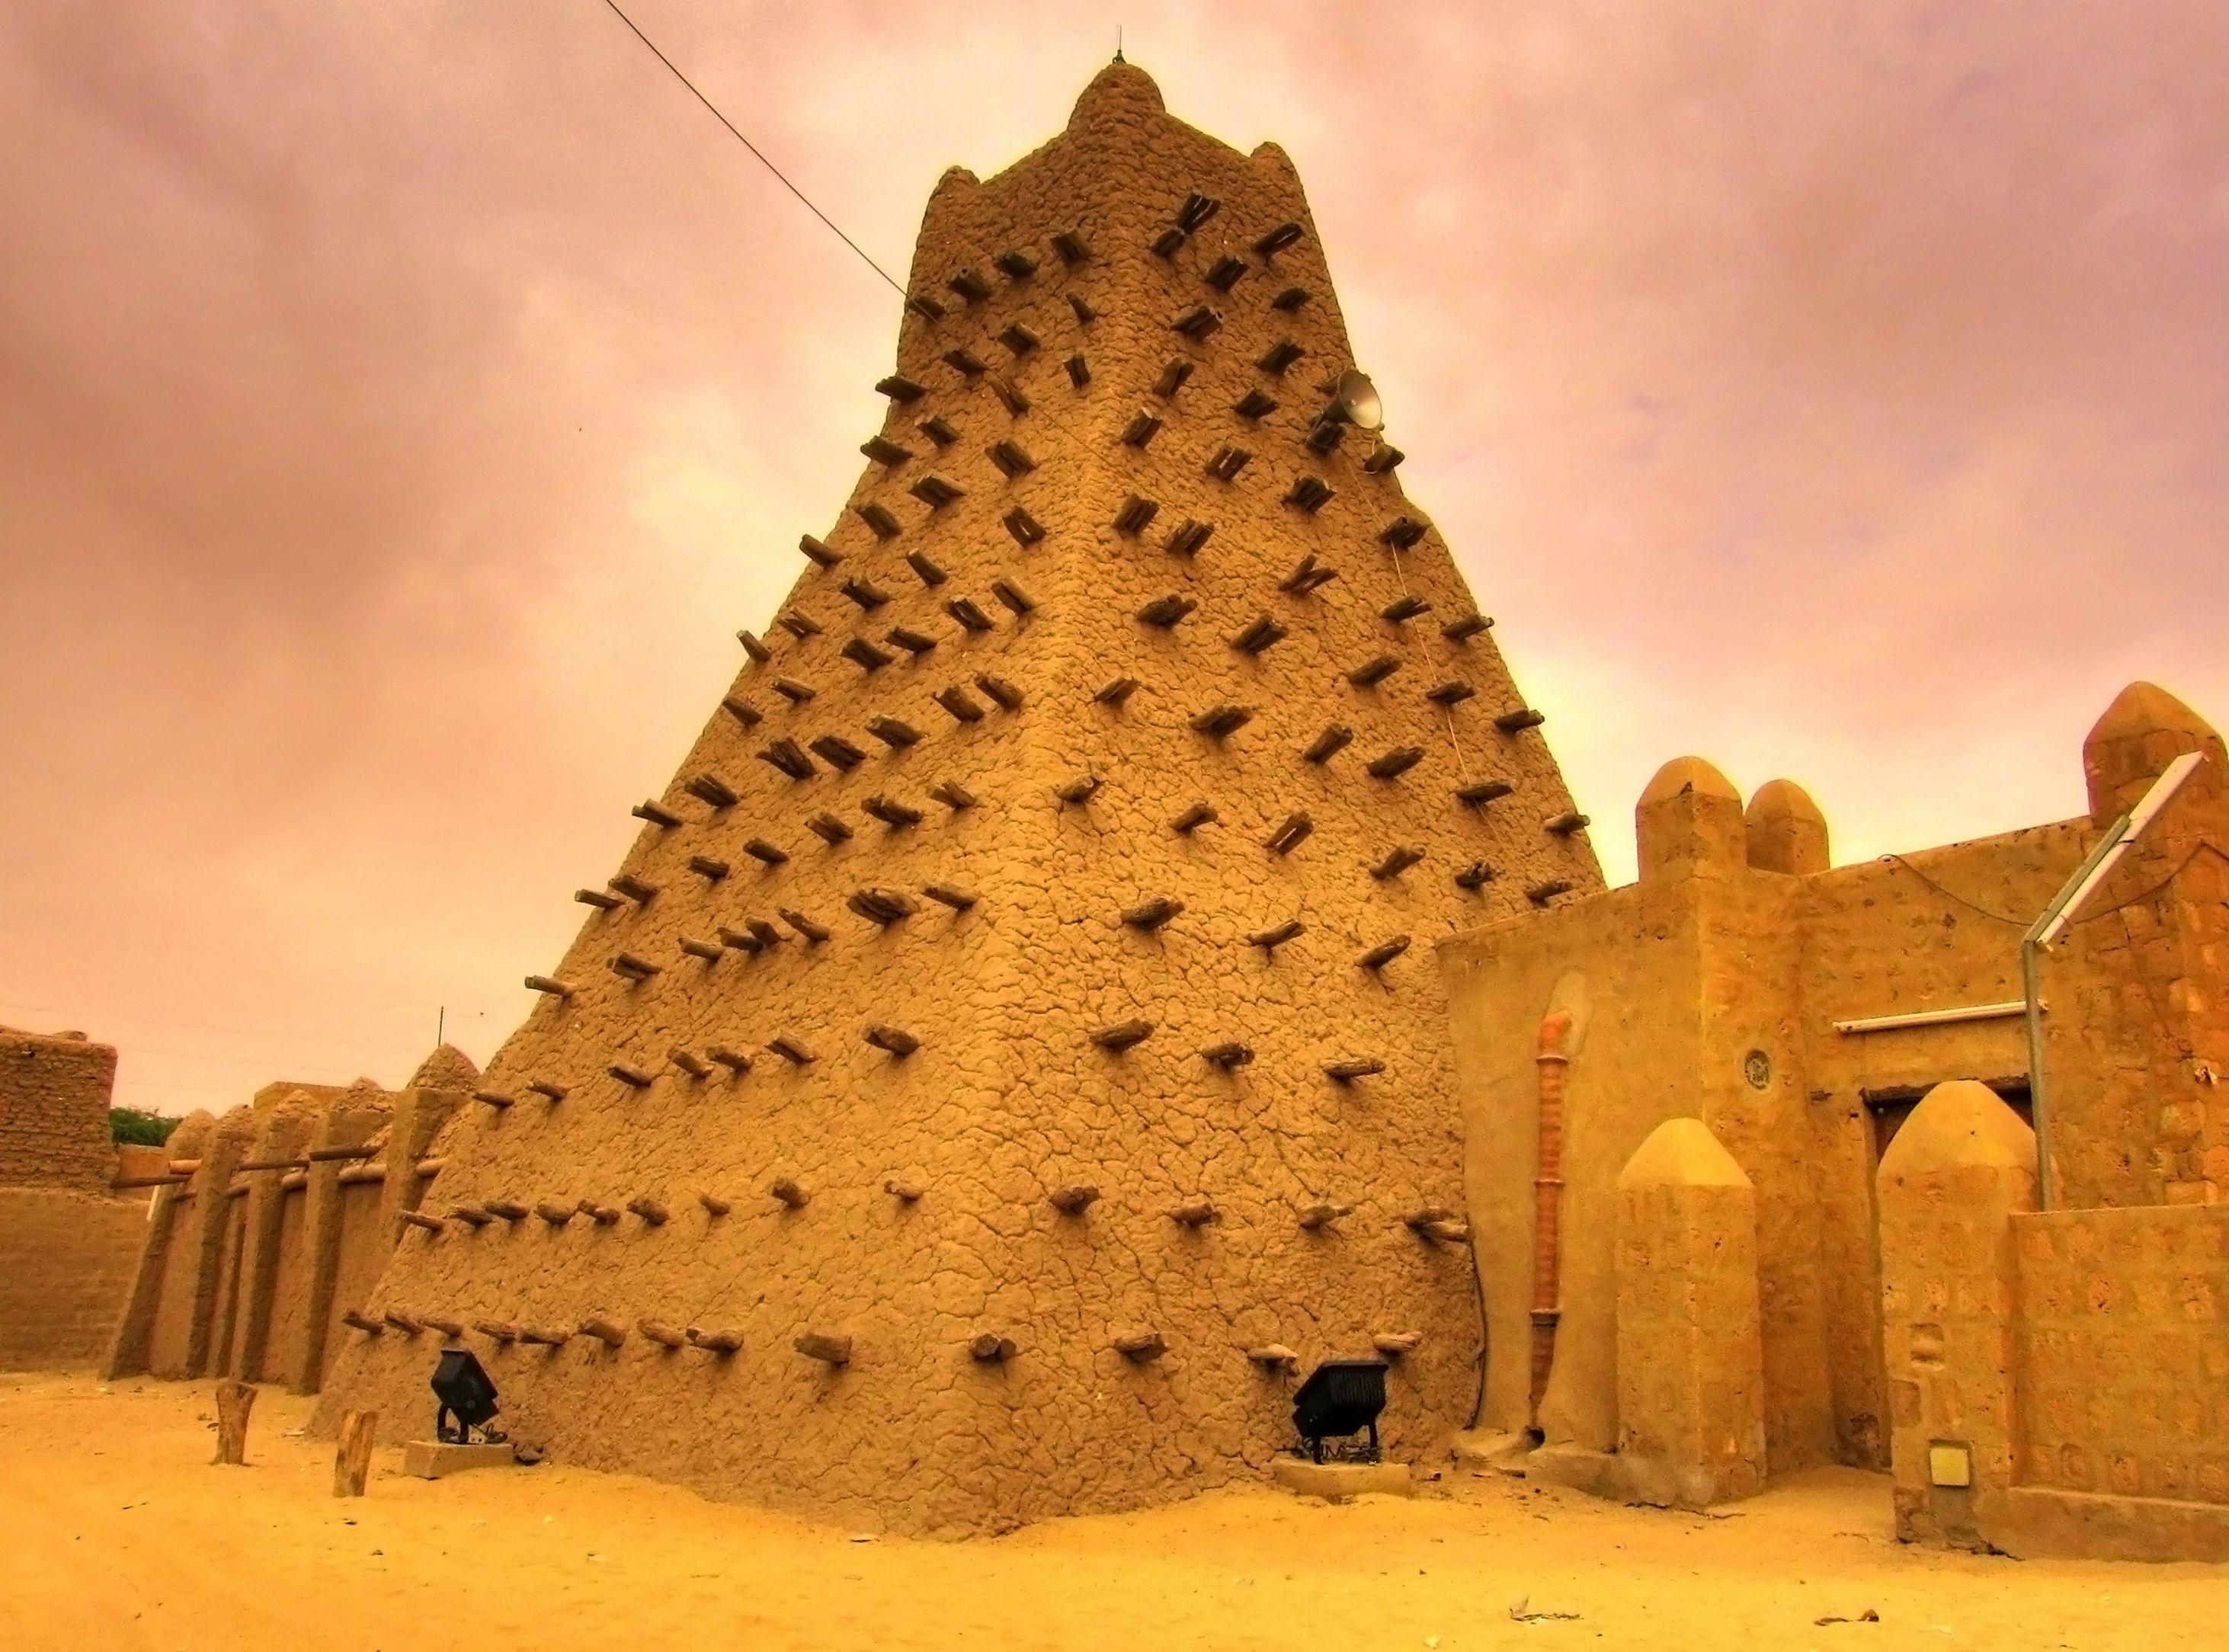 Voyage en philosophie africaine: Ahmed Baba de Tombouctou, l'oublié de l'Histoire! Par Dr Luc Ngowet